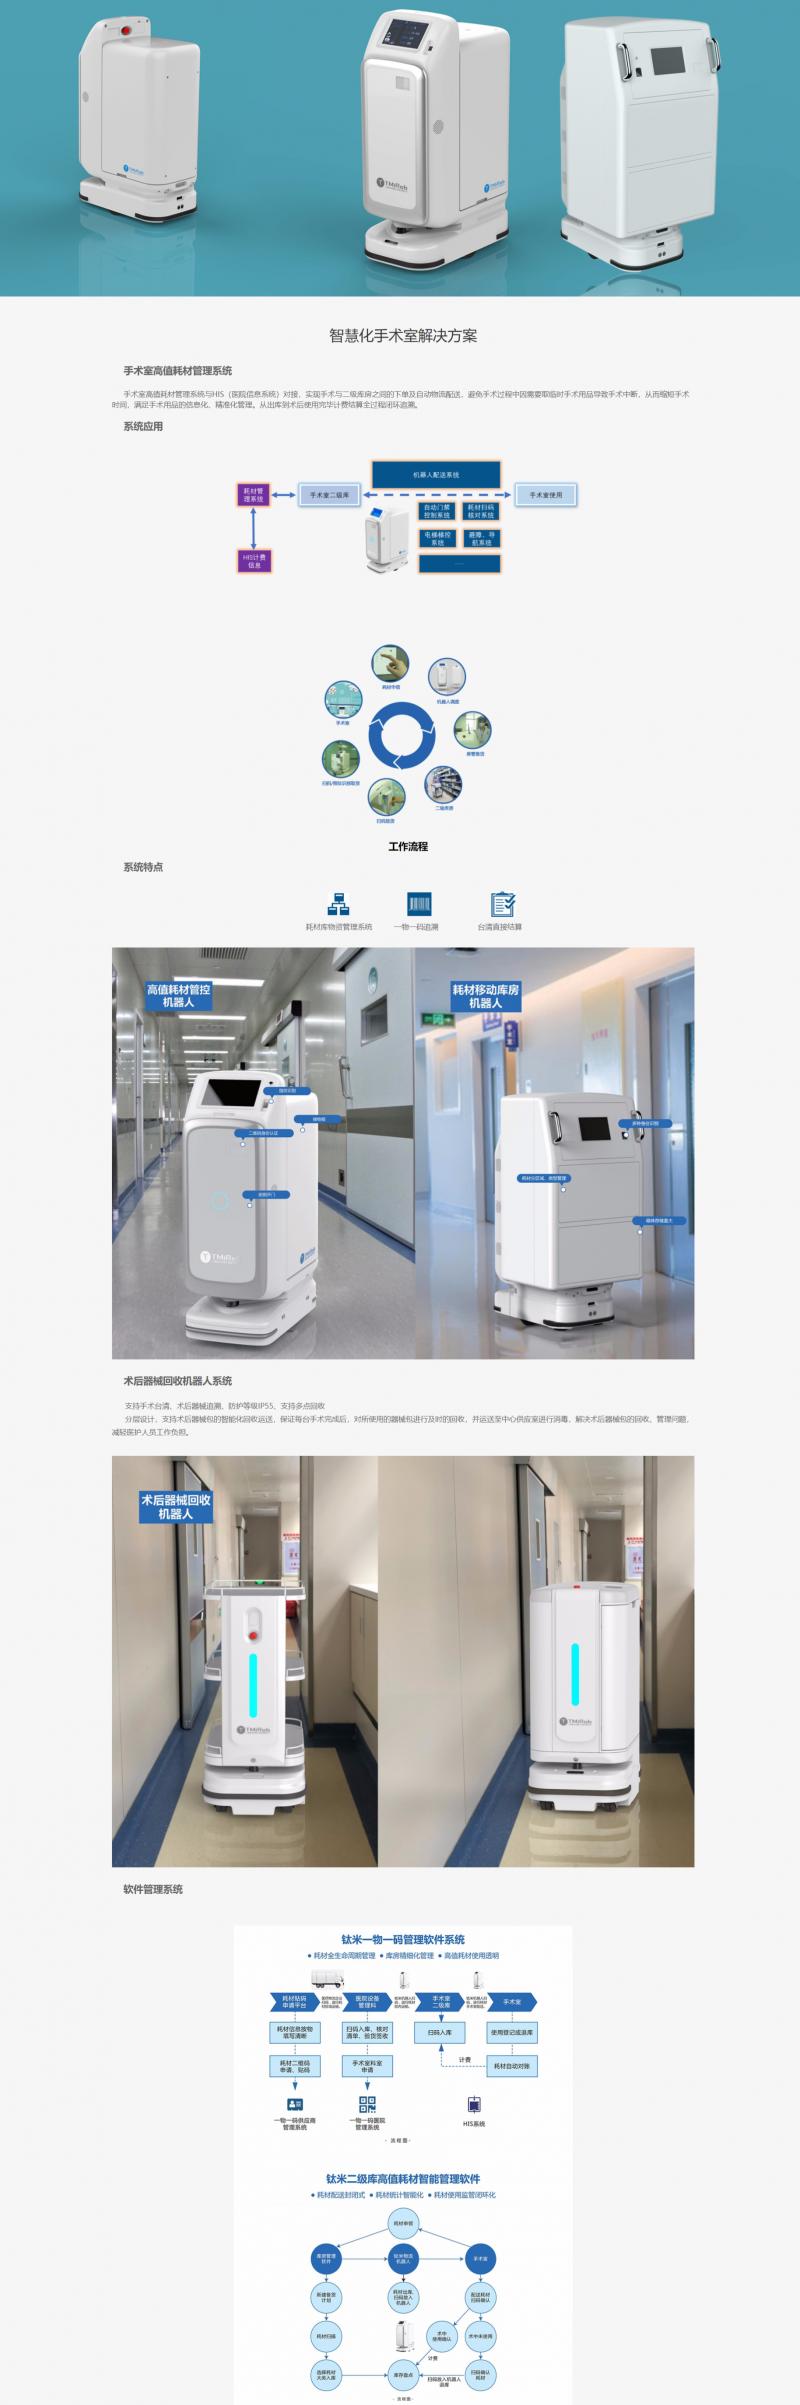 钛米医疗物资配送机器人